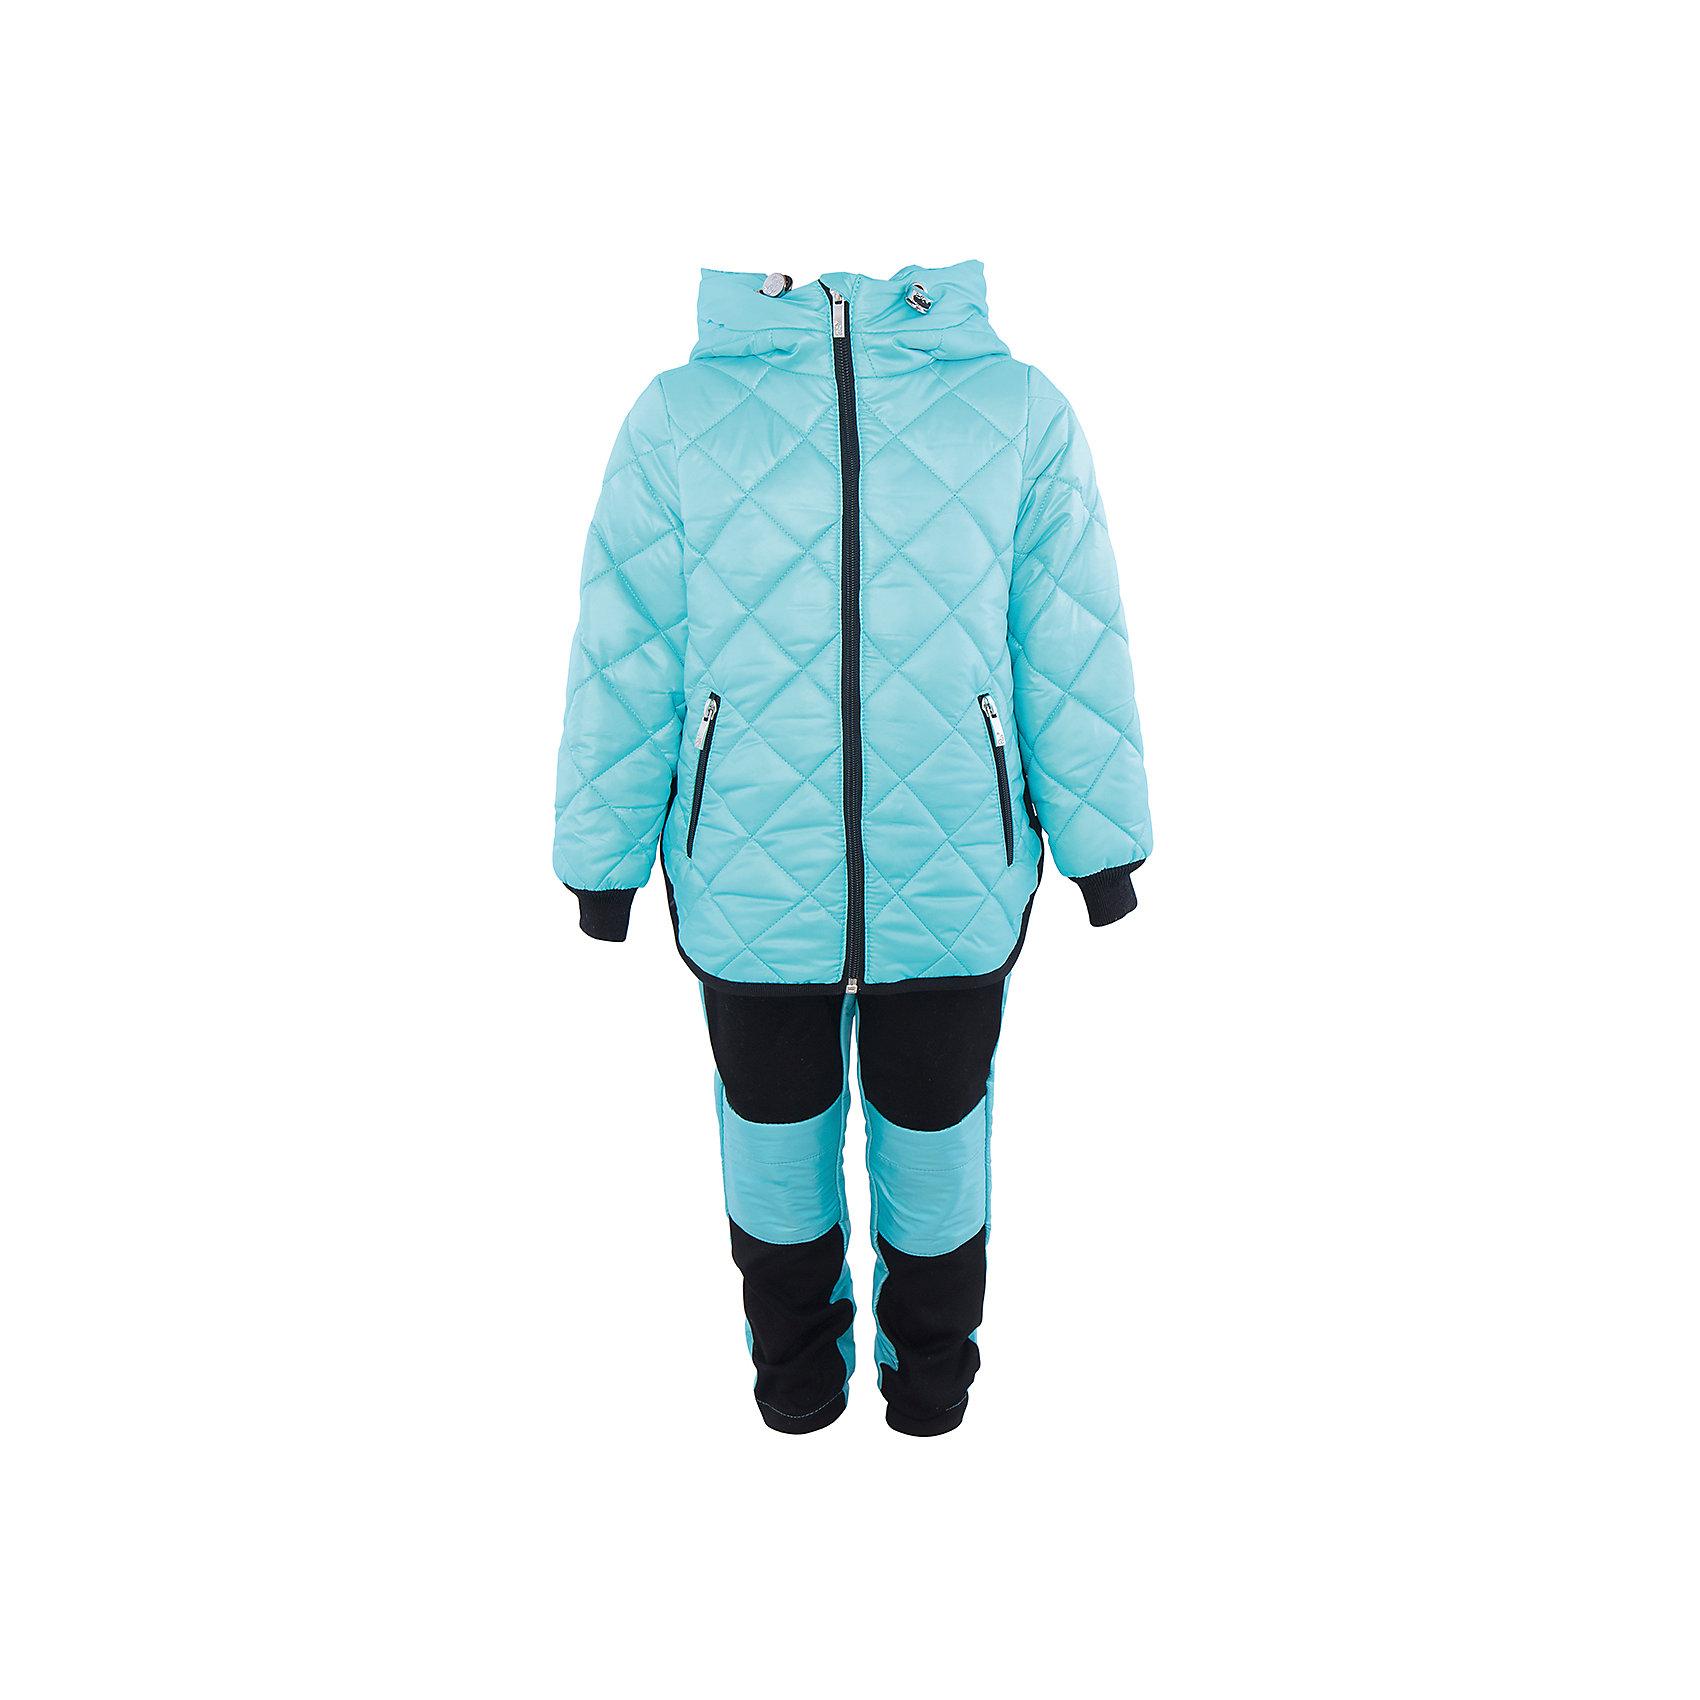 Комплект для девочки BOOM by OrbyВерхняя одежда<br>Характеристики товара:<br><br>• цвет: голубой/черный<br>• состав: 100% полиэстер<br>• курточка: верх - таффета, подкладка - поликоттон, полиэстер, утеплитель: Flexy Fiber 150 г/м2<br>• брюки: верх - костюмный трикотаж с начесом, подкладка - флис<br>• комплектация: куртка, брюки<br>• температурный режим: от -5 С° до +10 С° <br>• капюшон (не отстегивается)<br>• карманы на молнии<br>• застежка - молния<br>• убирающаяся корона на капюшоне<br>• накладки на коленях<br>• куртка декорирована вышивкой<br>• эластичные манжеты<br>• комфортная посадка<br>• страна производства: Российская Федерация<br>• страна бренда: Российская Федерация<br>• коллекция: весна-лето 2017<br><br>Такой комплект - универсальный вариант для межсезонья с постоянно меняющейся погодой. Эта модель - модная и удобная одновременно! Изделие отличается стильным ярким дизайном. Куртка и брюки хорошо сидят по фигуре, отлично сочетается с различной обувью. Модель была разработана специально для детей.<br><br>Одежда от российского бренда BOOM by Orby уже завоевала популярностью у многих детей и их родителей. Вещи, выпускаемые компанией, качественные, продуманные и очень удобные. Для производства коллекций используются только безопасные для детей материалы. Спешите приобрести модели из новой коллекции Весна-лето 2017! <br><br>Комплект для девочки от бренда BOOM by Orby можно купить в нашем интернет-магазине.<br><br>Ширина мм: 356<br>Глубина мм: 10<br>Высота мм: 245<br>Вес г: 519<br>Цвет: голубой<br>Возраст от месяцев: 12<br>Возраст до месяцев: 18<br>Пол: Женский<br>Возраст: Детский<br>Размер: 86,92,98,110,116,122,104<br>SKU: 5343165